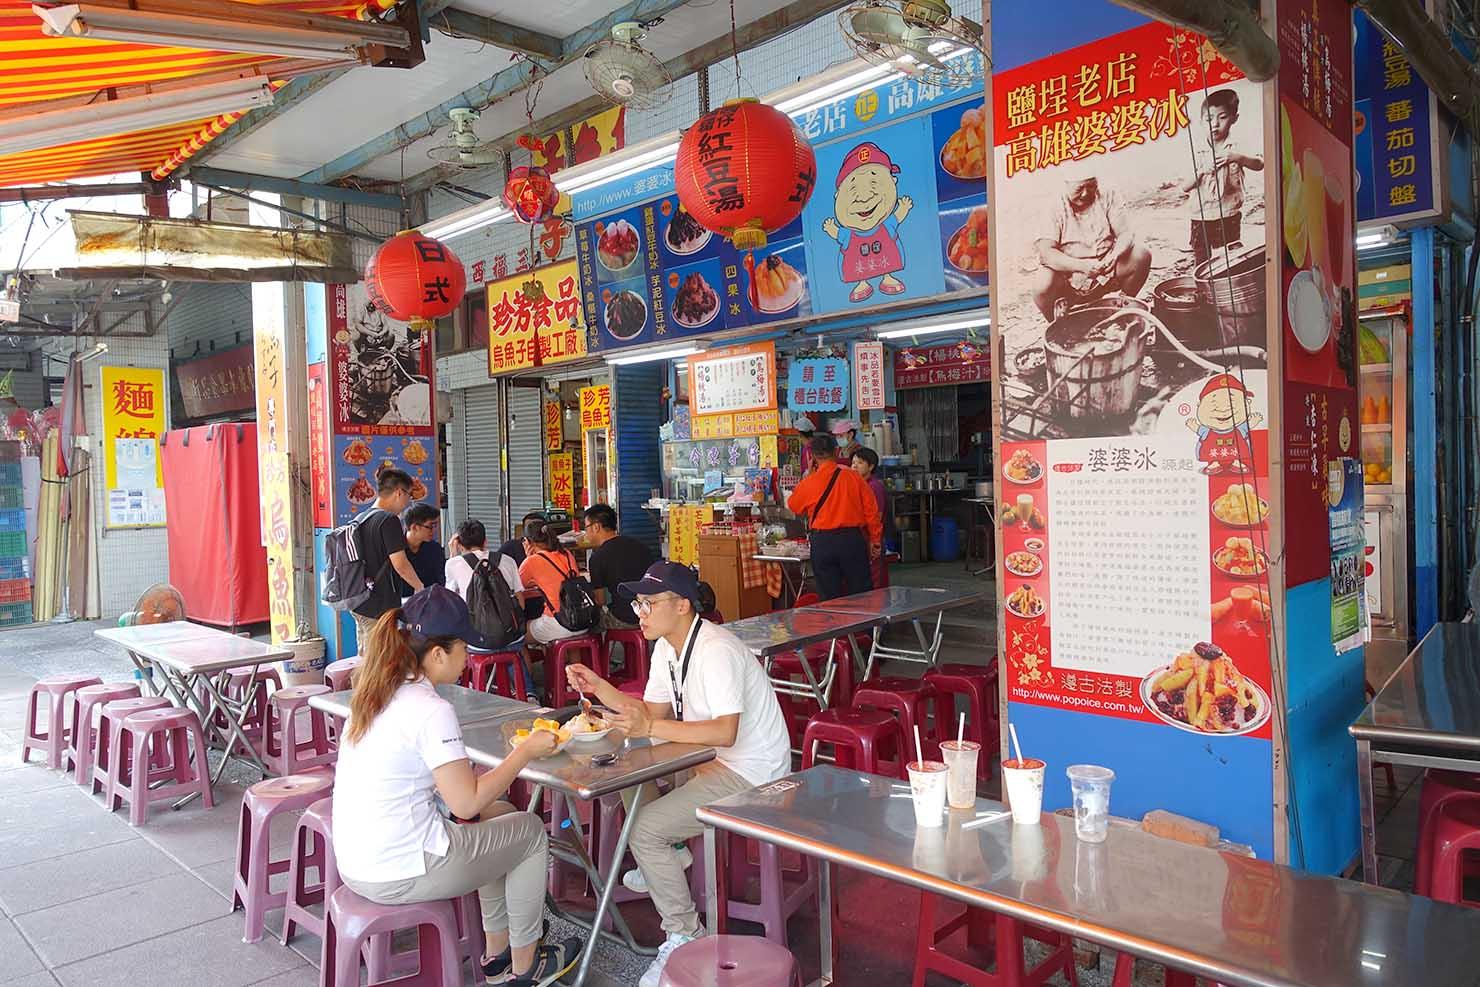 高雄の伝統台湾グルメエリア・鹽埕埔「高雄婆婆冰」の店内